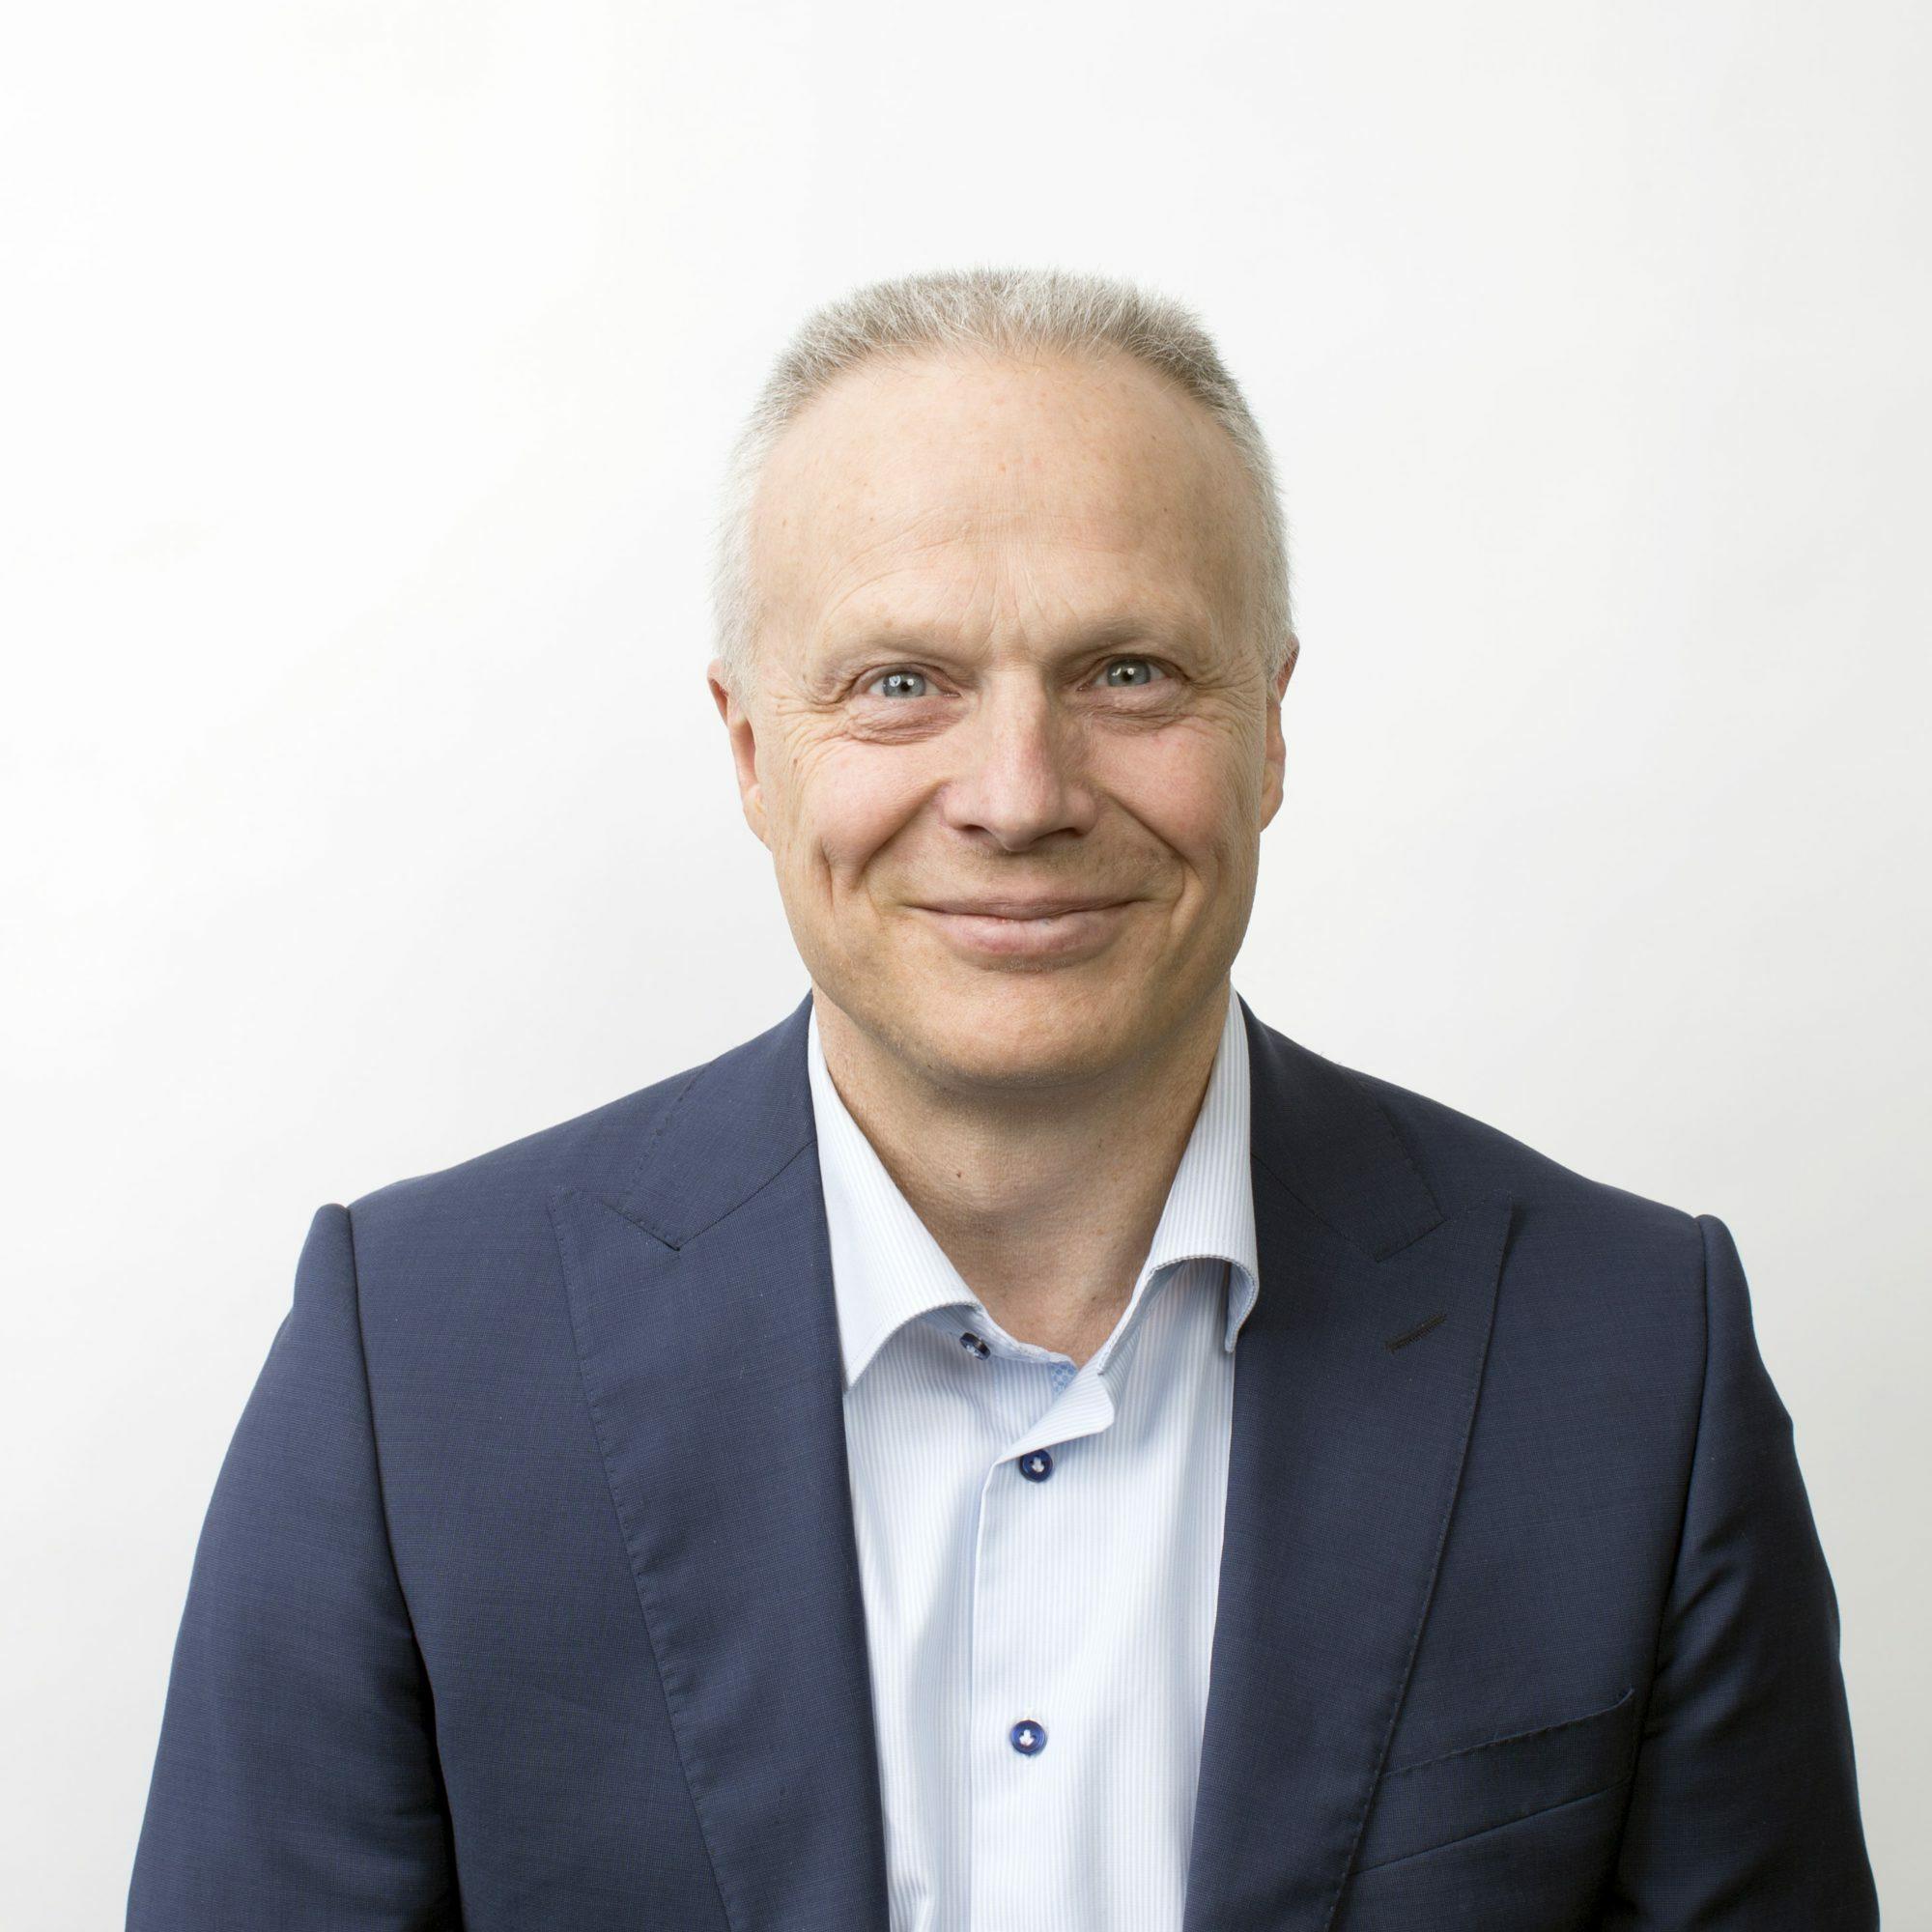 Thierry Devresse